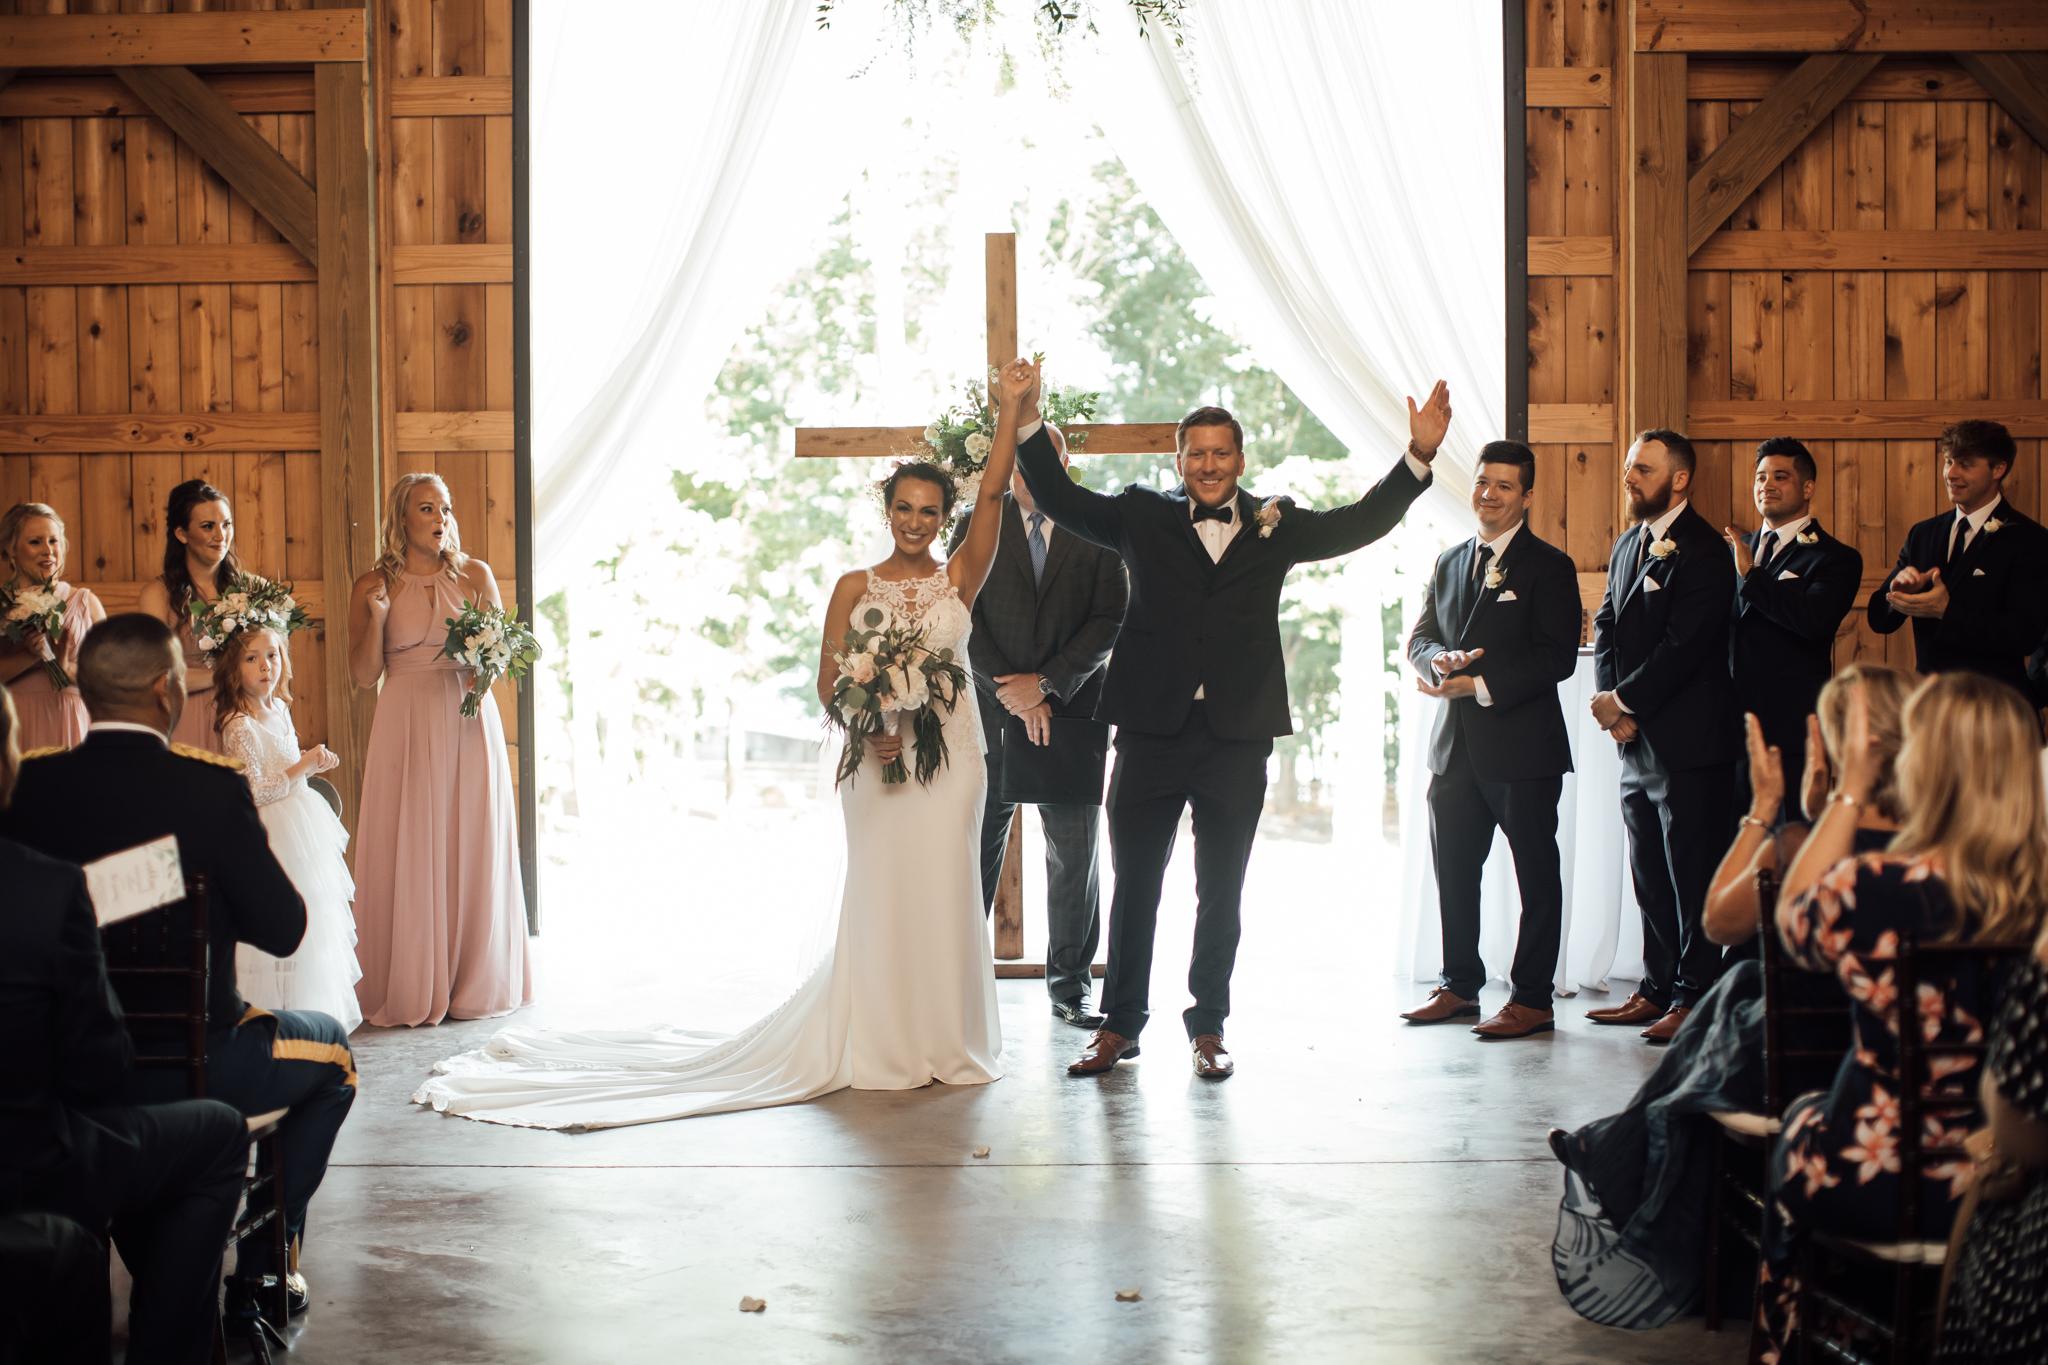 saddlewoodsfarms-nashville-wedding-photographer-thewarmtharoundyou-rustic-wedding (42 of 251).jpg